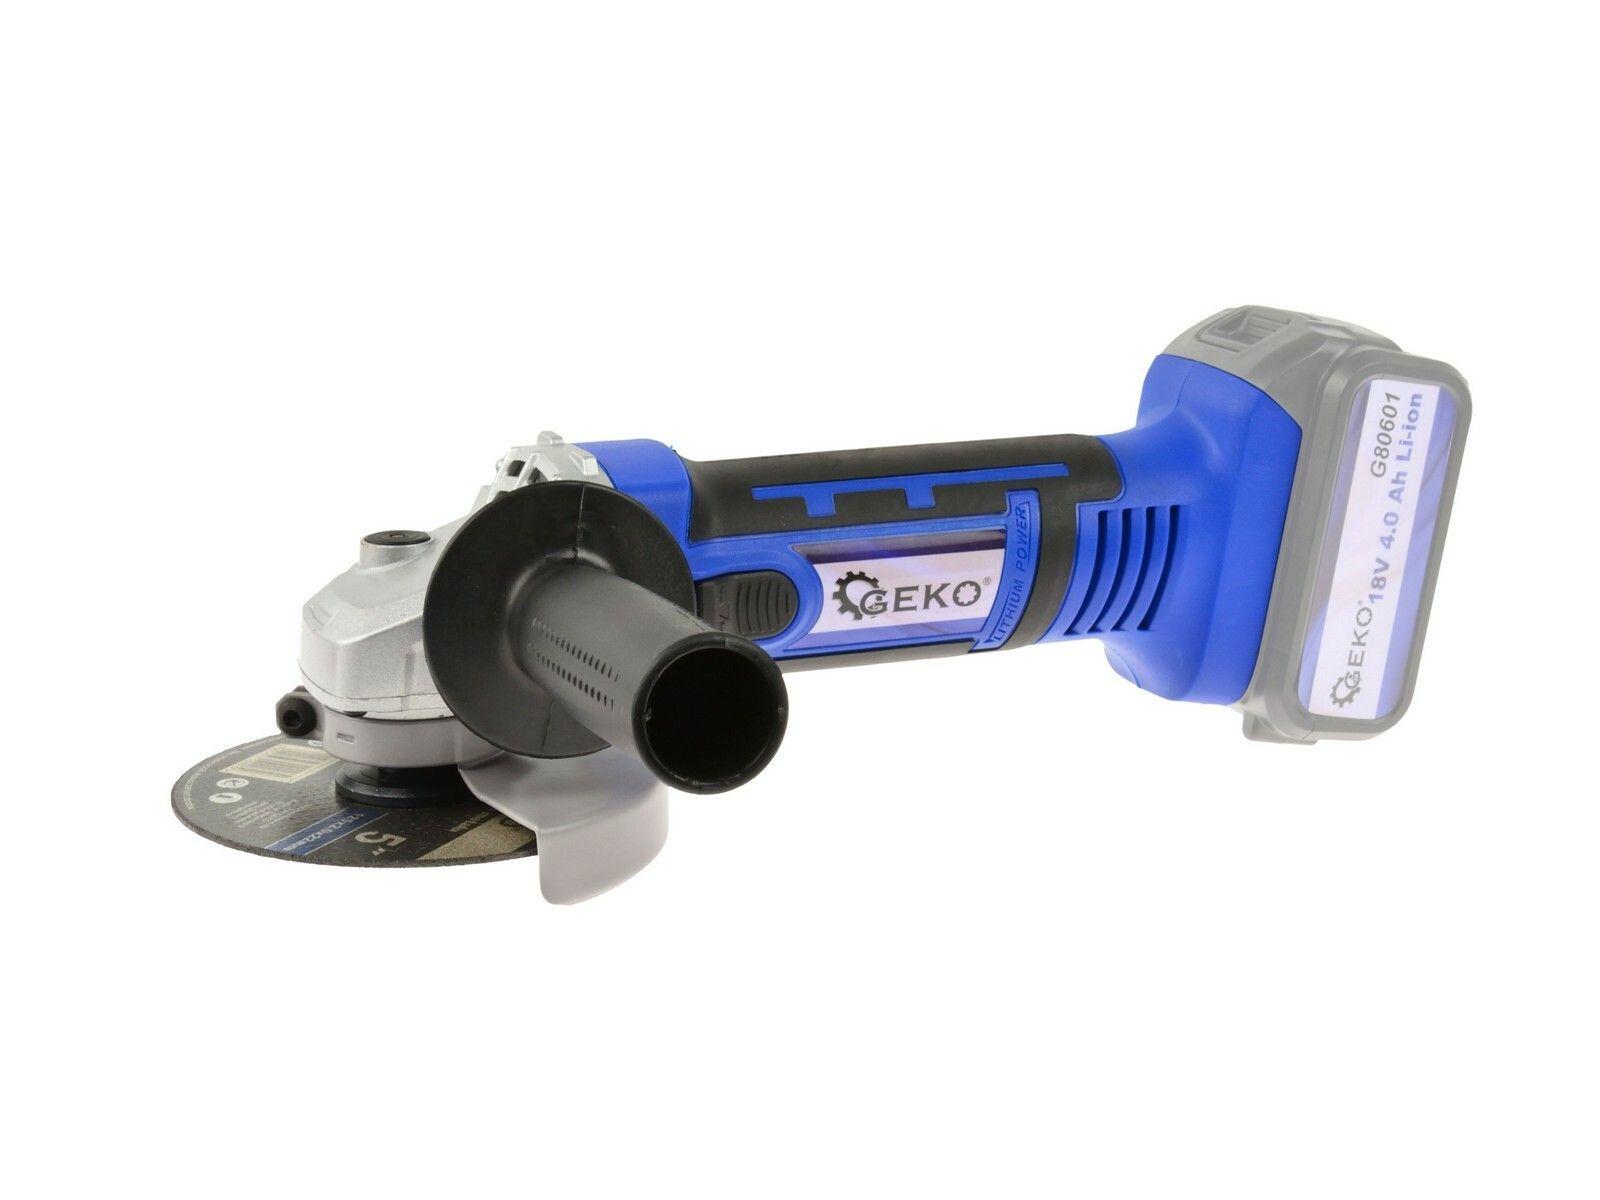 Akumulátorová úhlová bruska 115mm 18V One Power - bez baterie a nabíječky GEKO